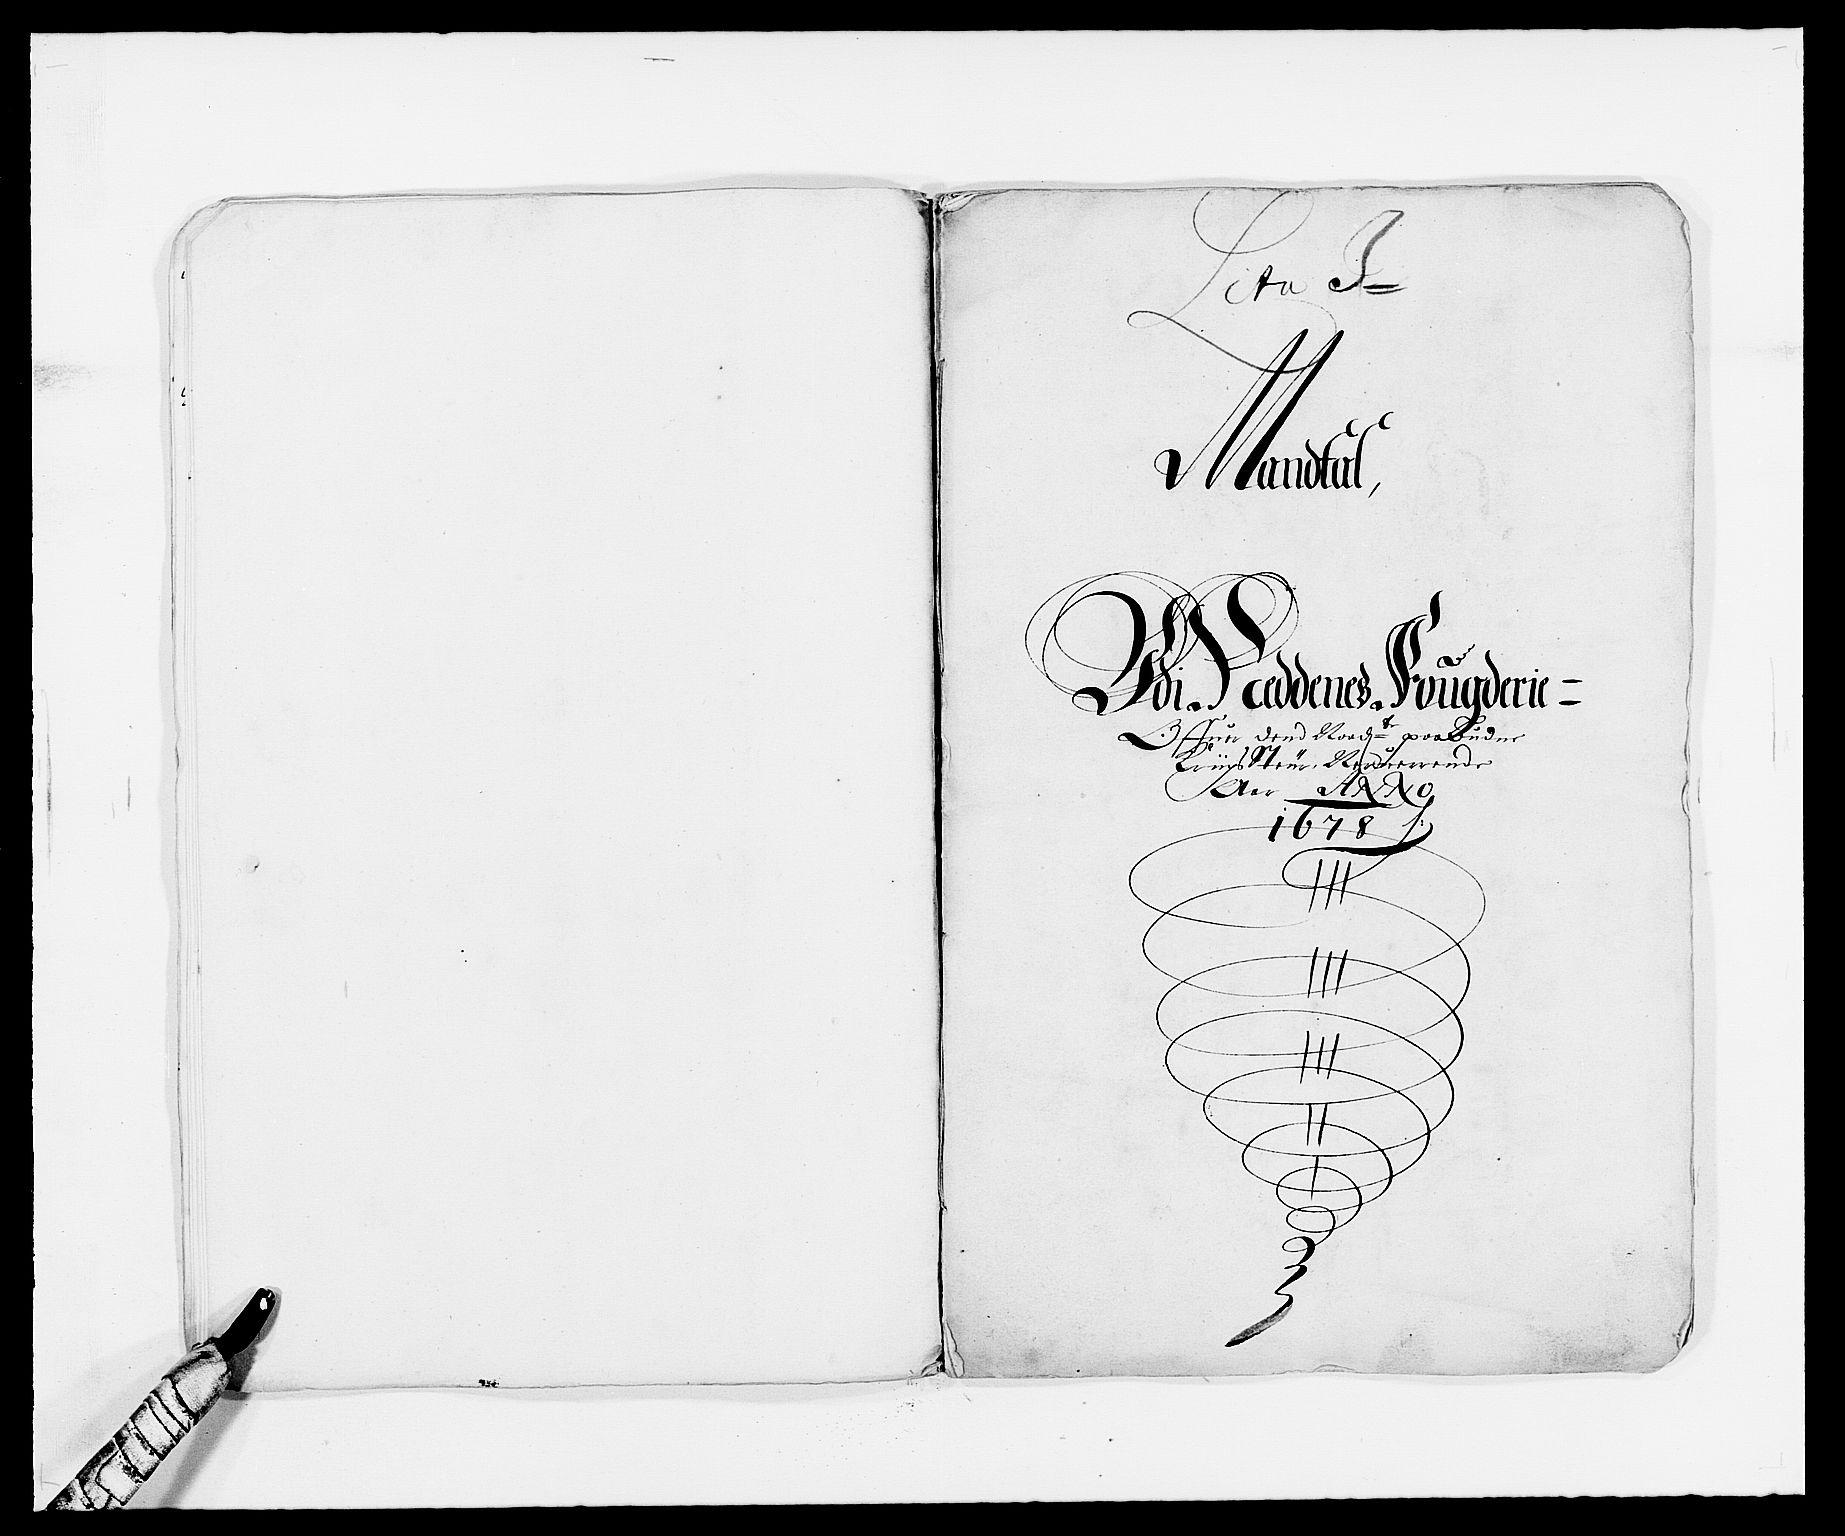 RA, Rentekammeret inntil 1814, Reviderte regnskaper, Fogderegnskap, R39/L2302: Fogderegnskap Nedenes, 1677-1678, s. 329